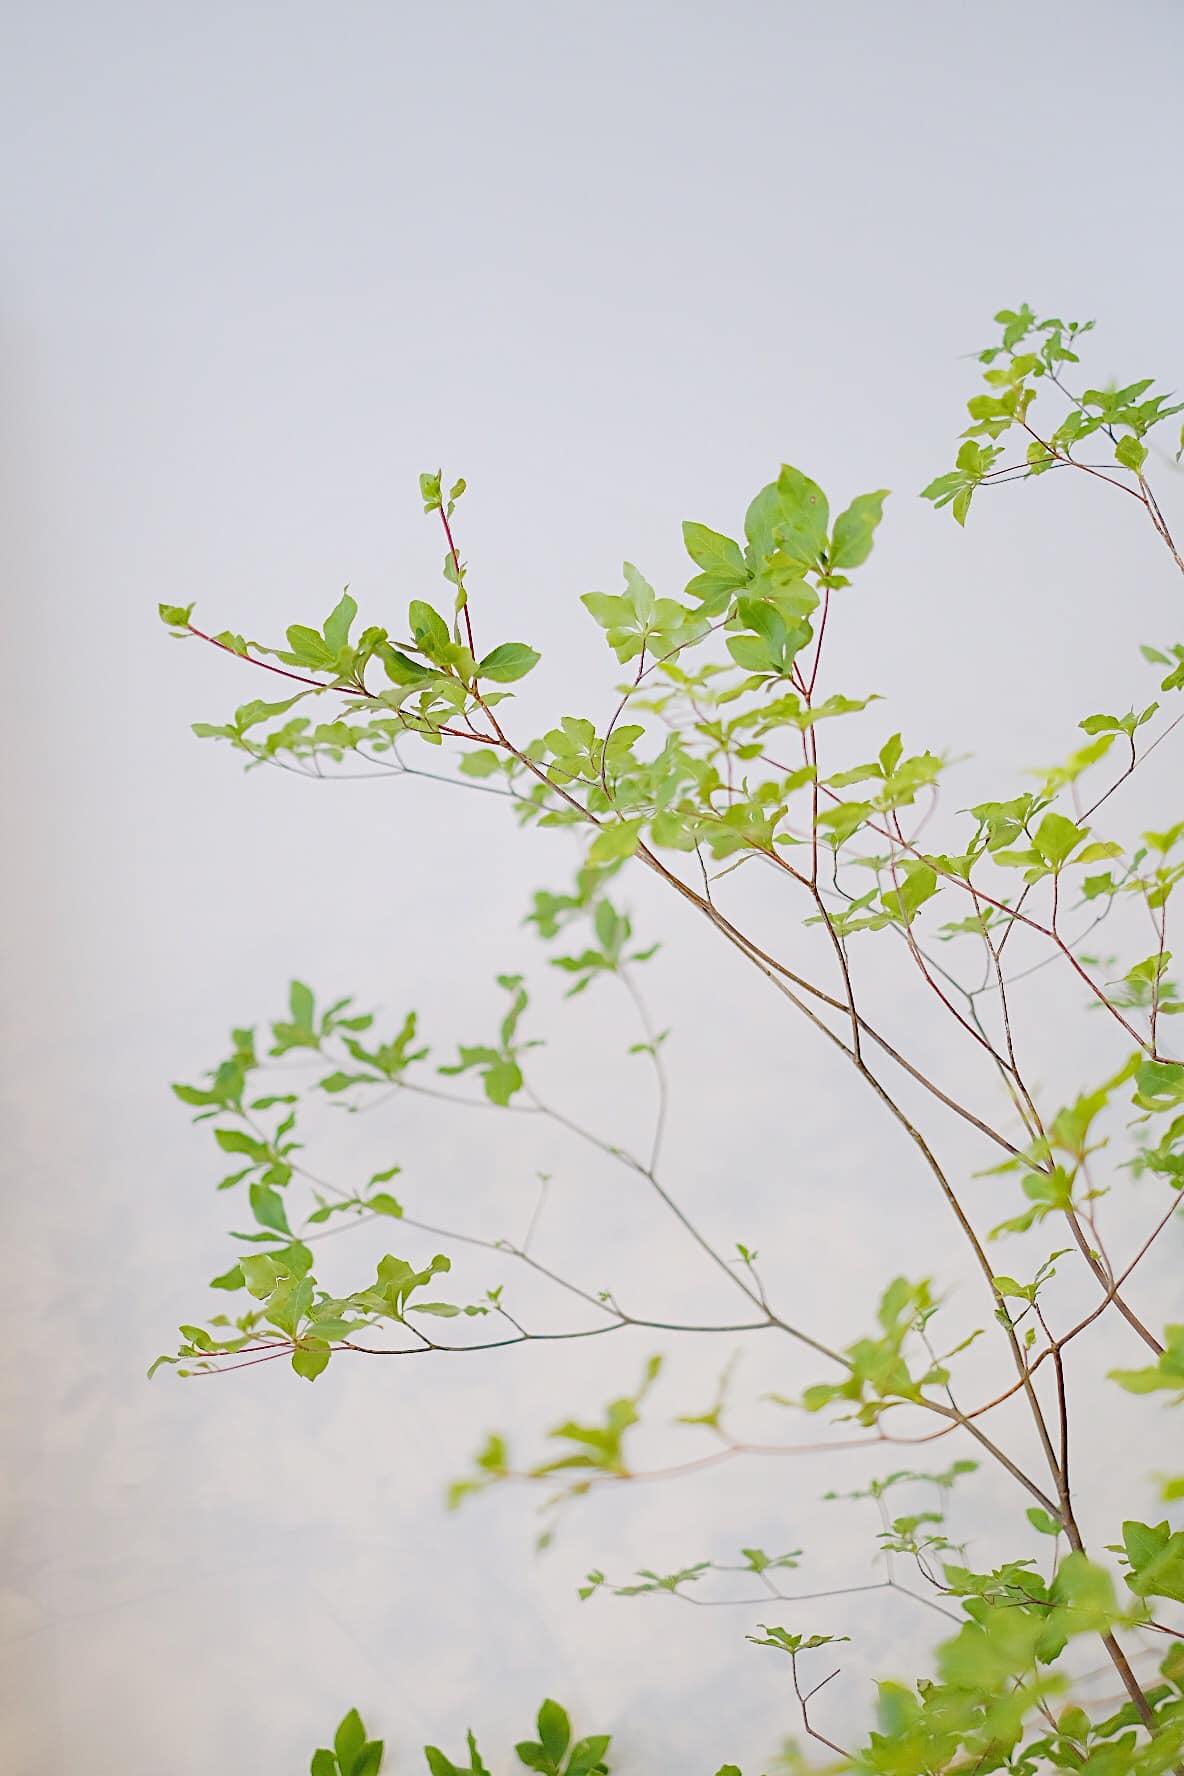 Dạo gần đây thị trường rộ mua cây thạch nam: Là loại cây gì, giá đắt không mà chị em yêu thích thế? - Ảnh 4.